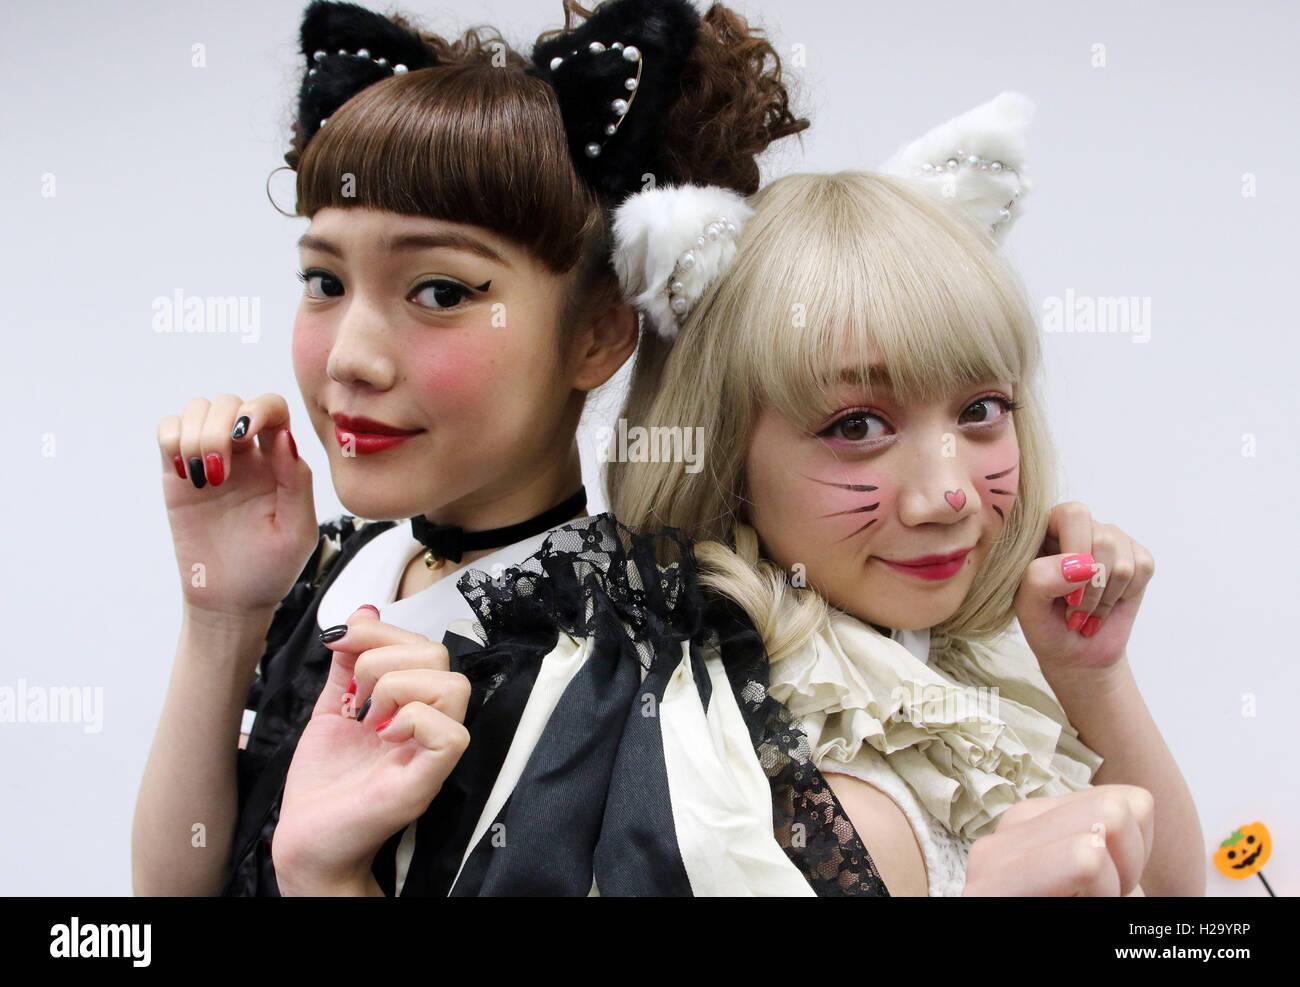 Tokyo japon sep affichage des modèles cat maquillage